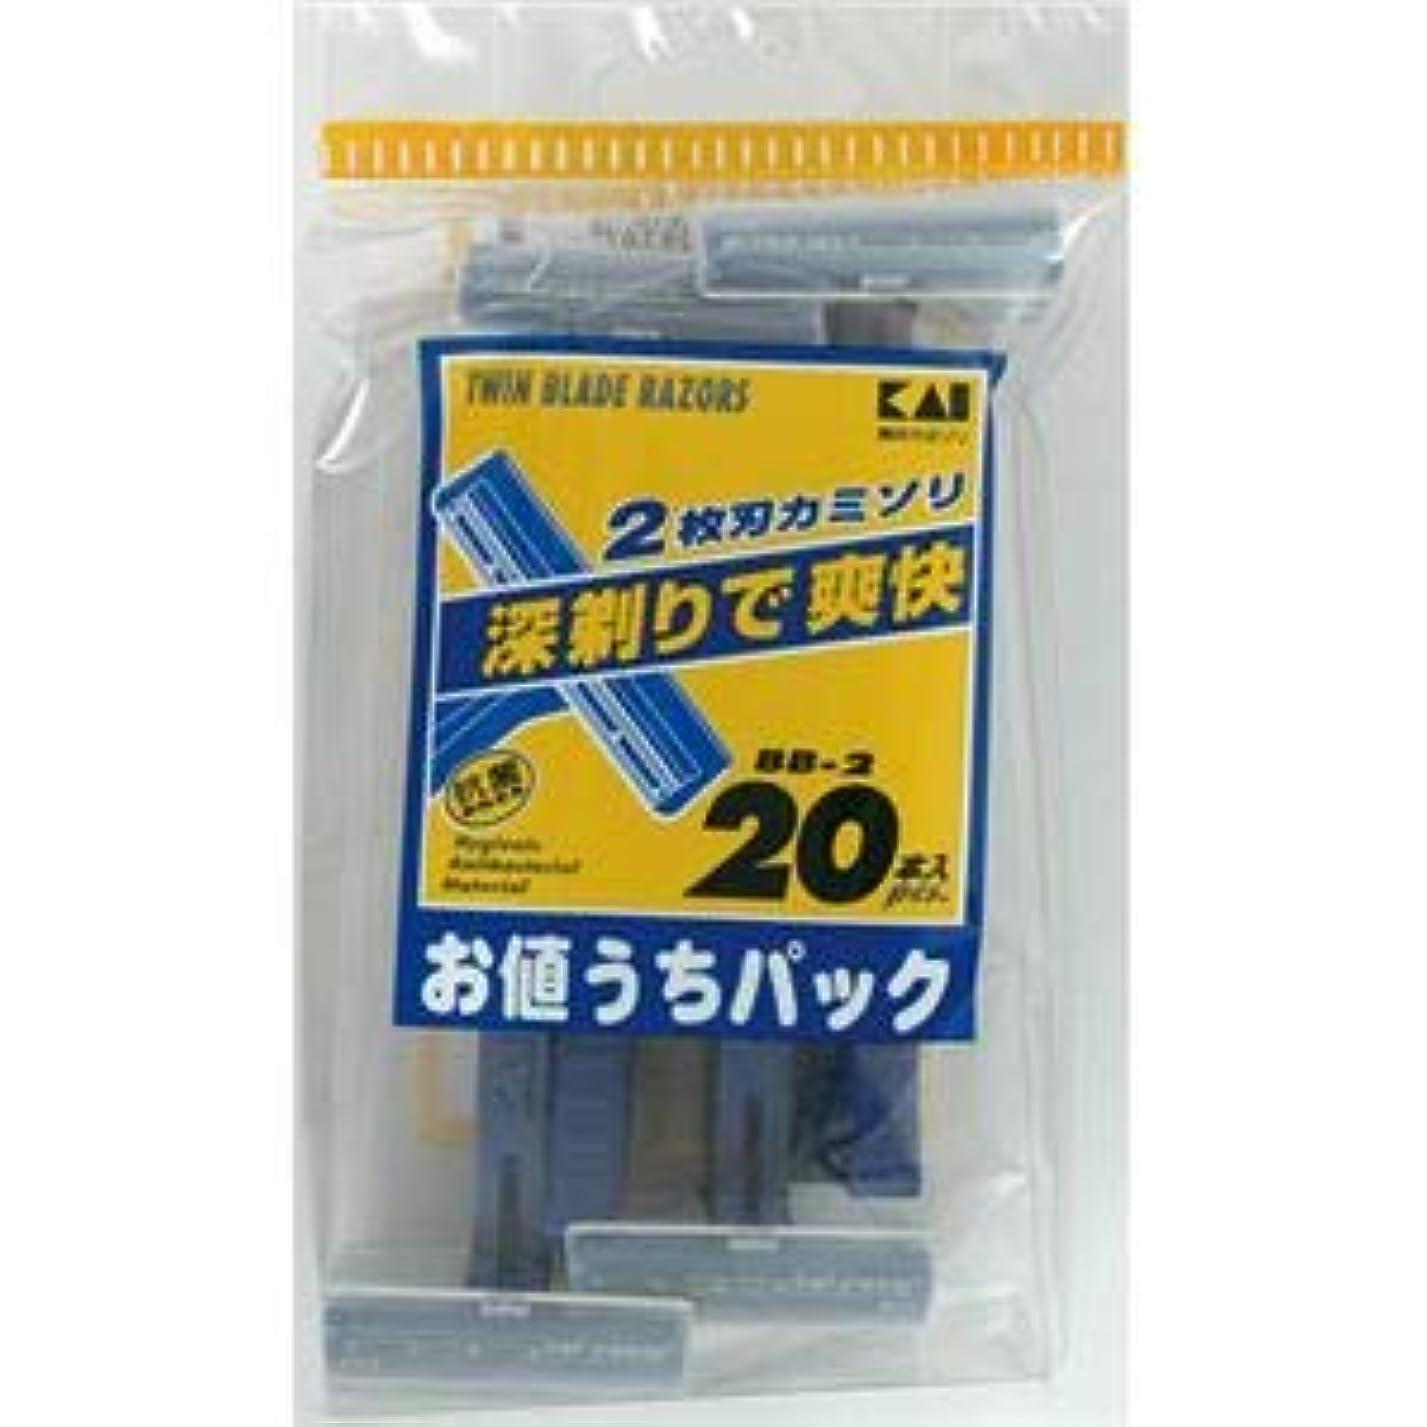 みがきますフレット壊れた(業務用20セット) 貝印 BB-2 2枚刃カミソリ 20本